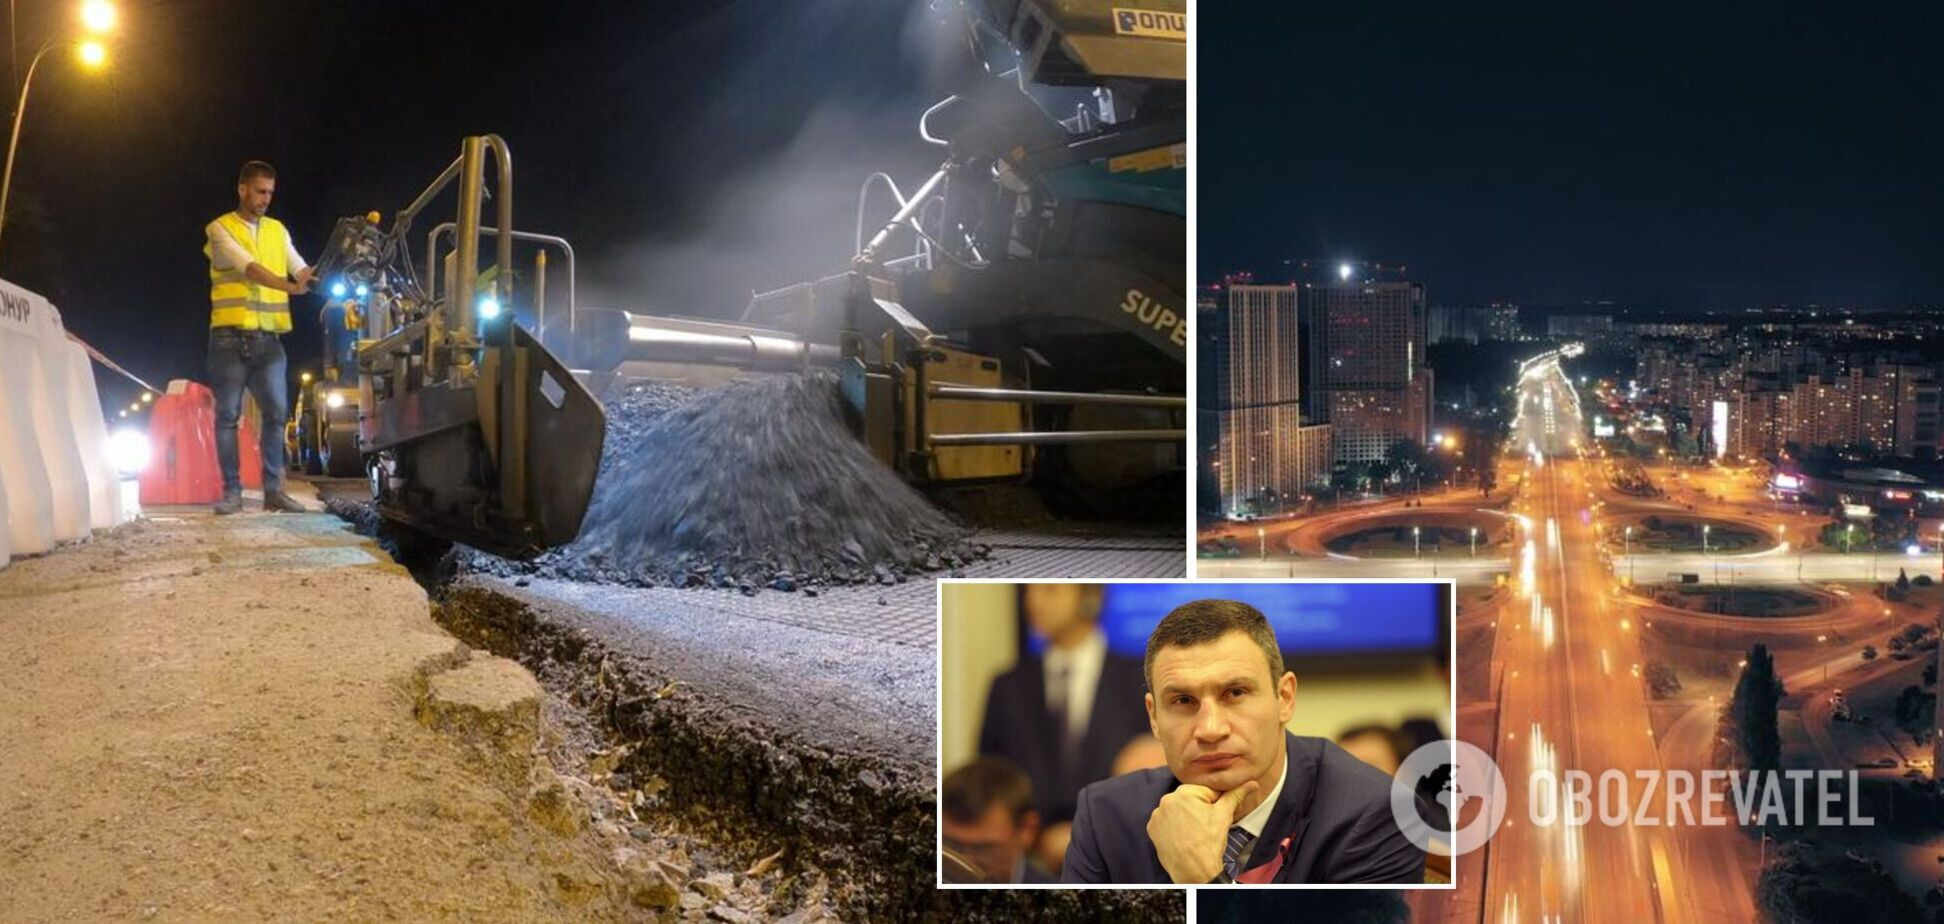 Кличко показал ремонт Большой кольцевой дороги и заявил, что раньше там только 'латали ямы'. Видео